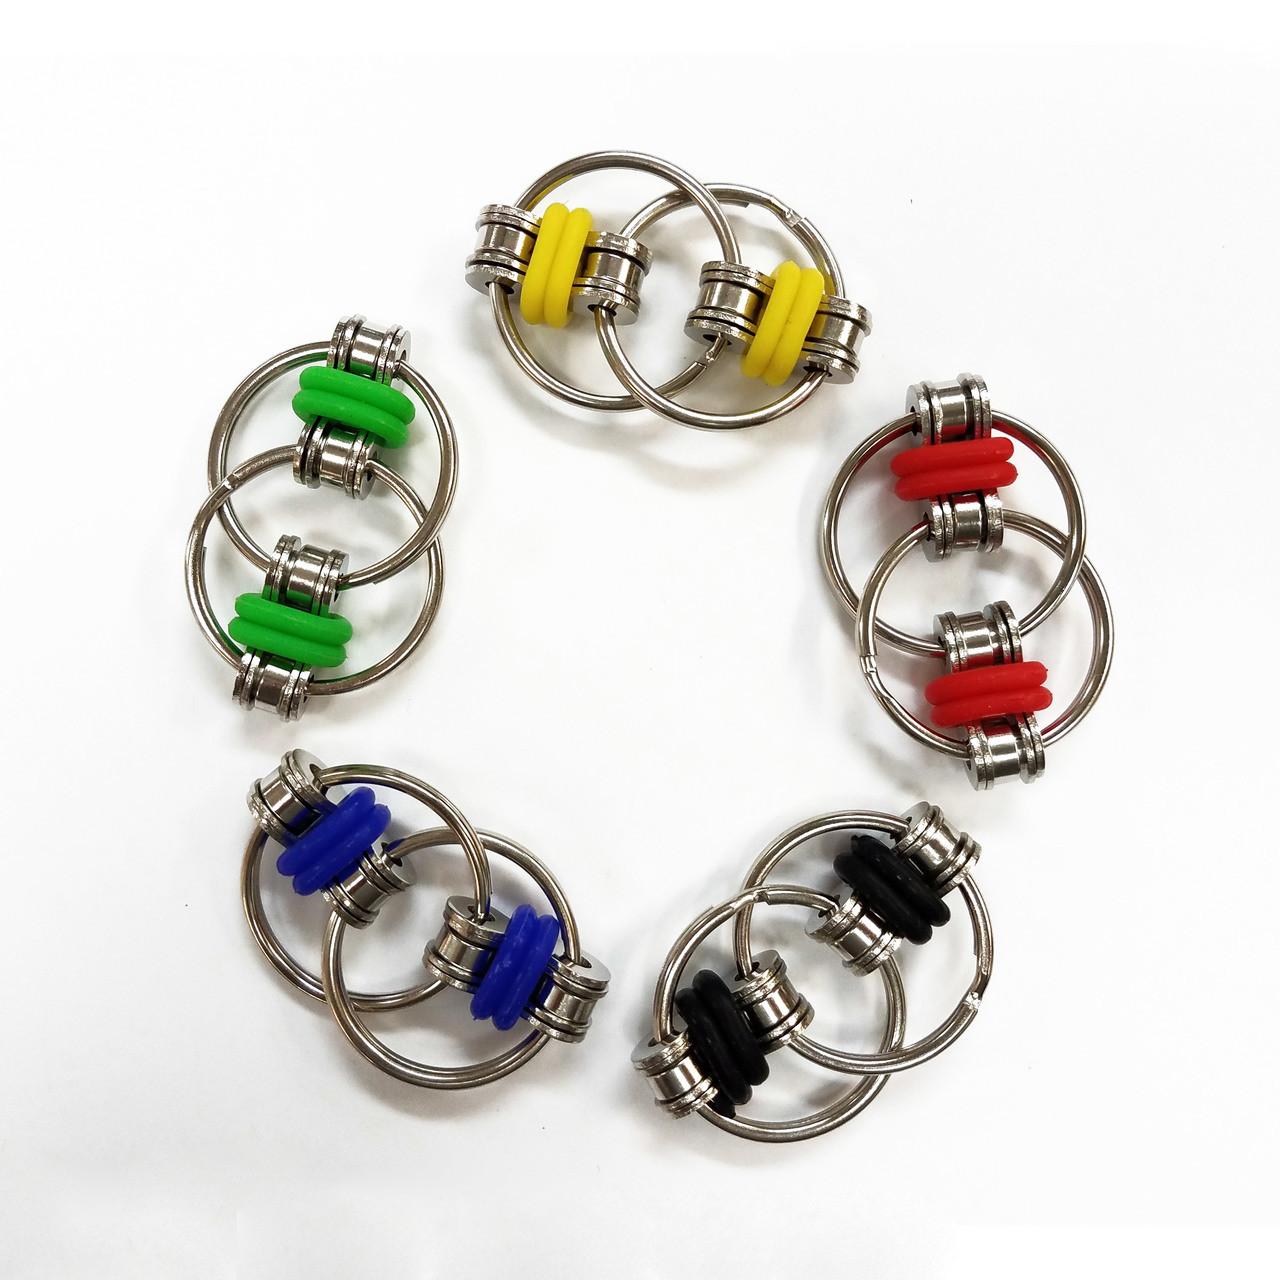 Key Chain Fidget Spinners!